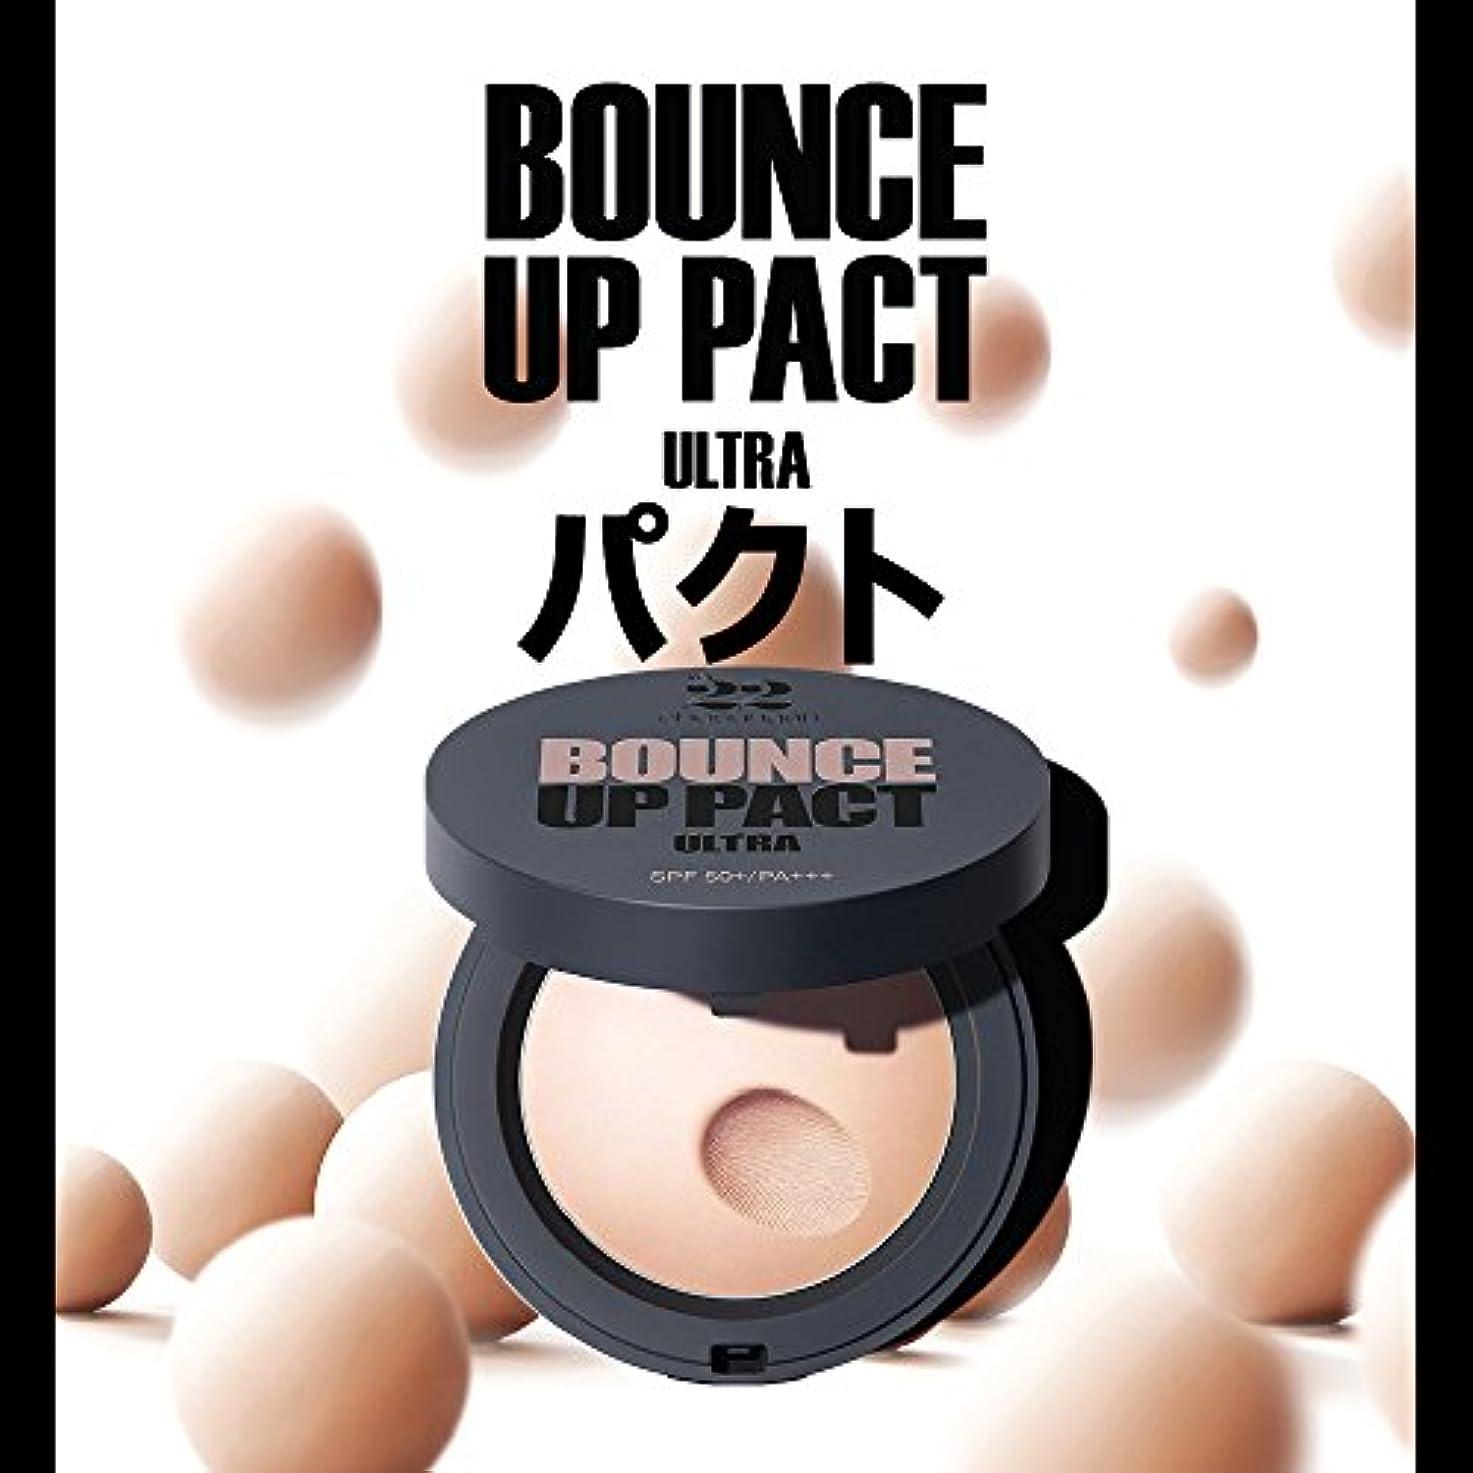 事務所めったにゴネリルチョソンア22 バウンスアップ パクト チョソンア chosungah22 Bounce Up Pact Ultra ★ 韓国 コスメ 韓国コスメ メイク アップ 2号サンドベージュ,パウダータイプ 2号サンドベージュ,パウダータイプ